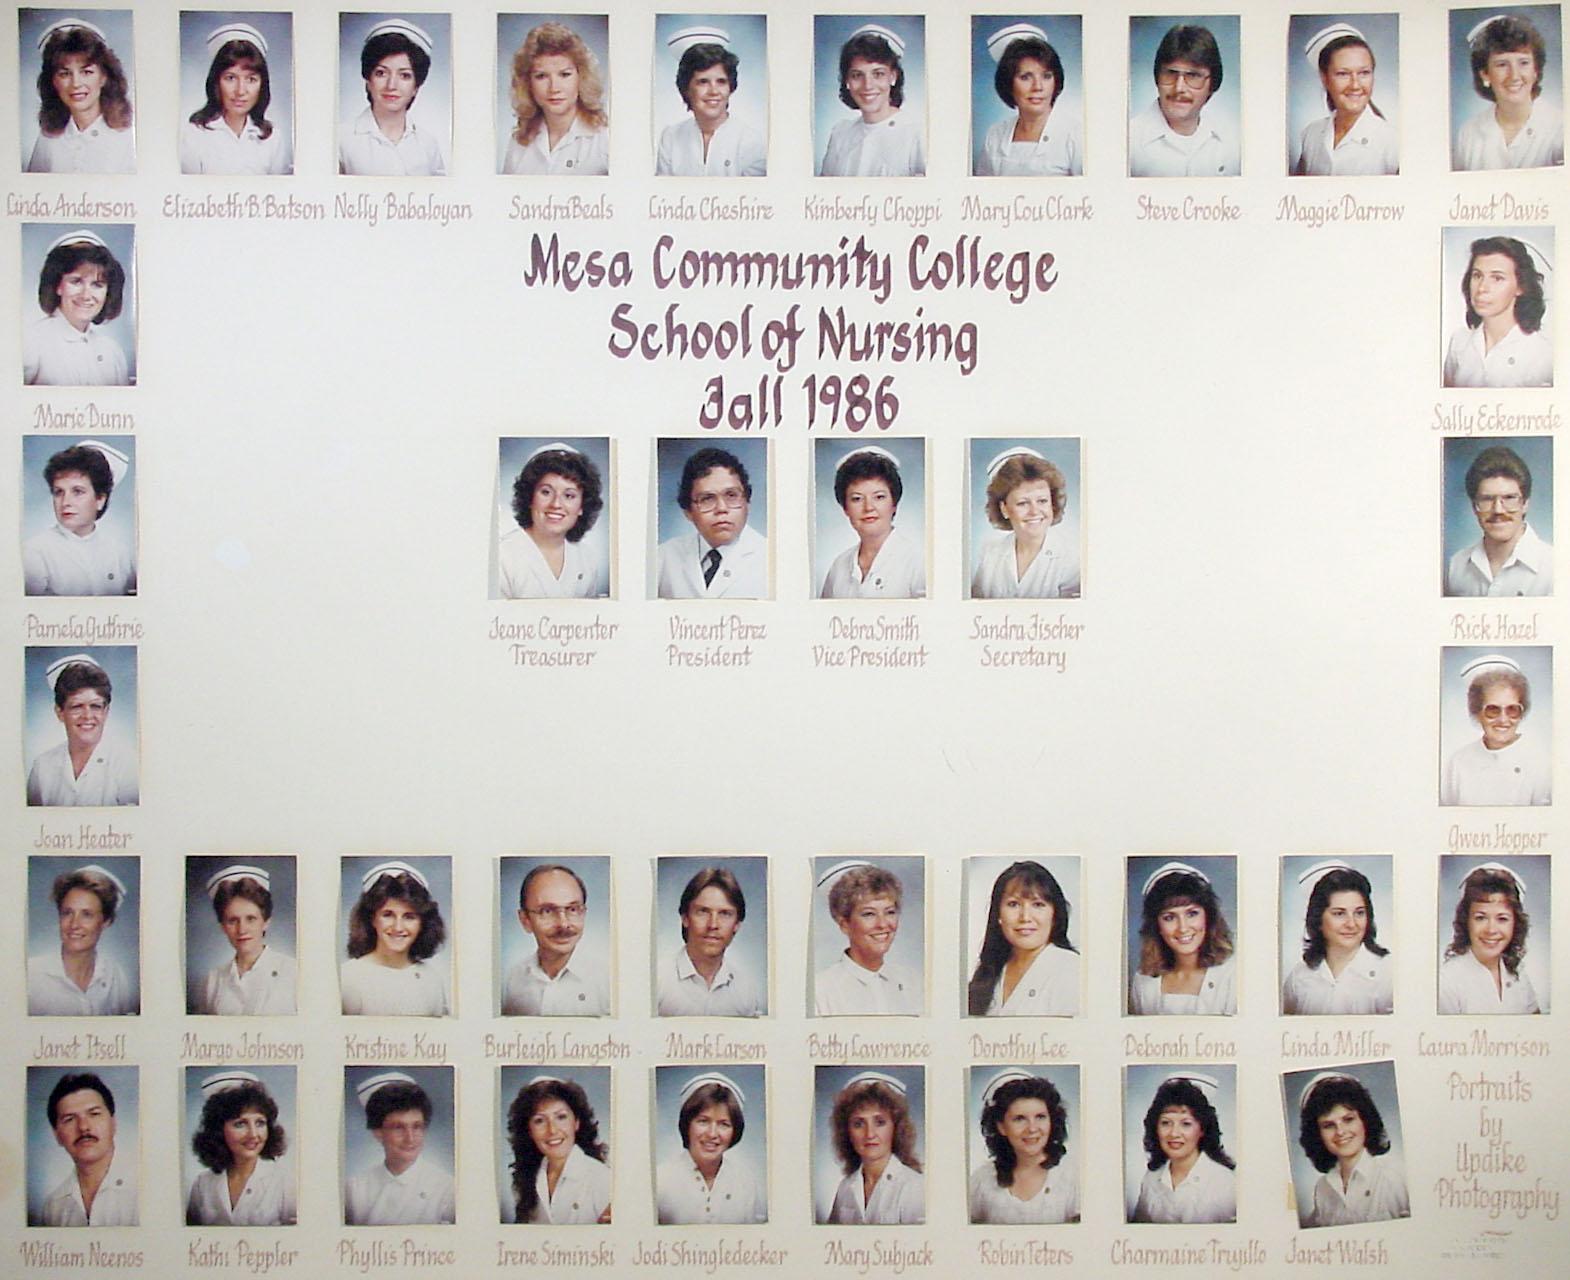 1980s  Nursing  Mesa Community College